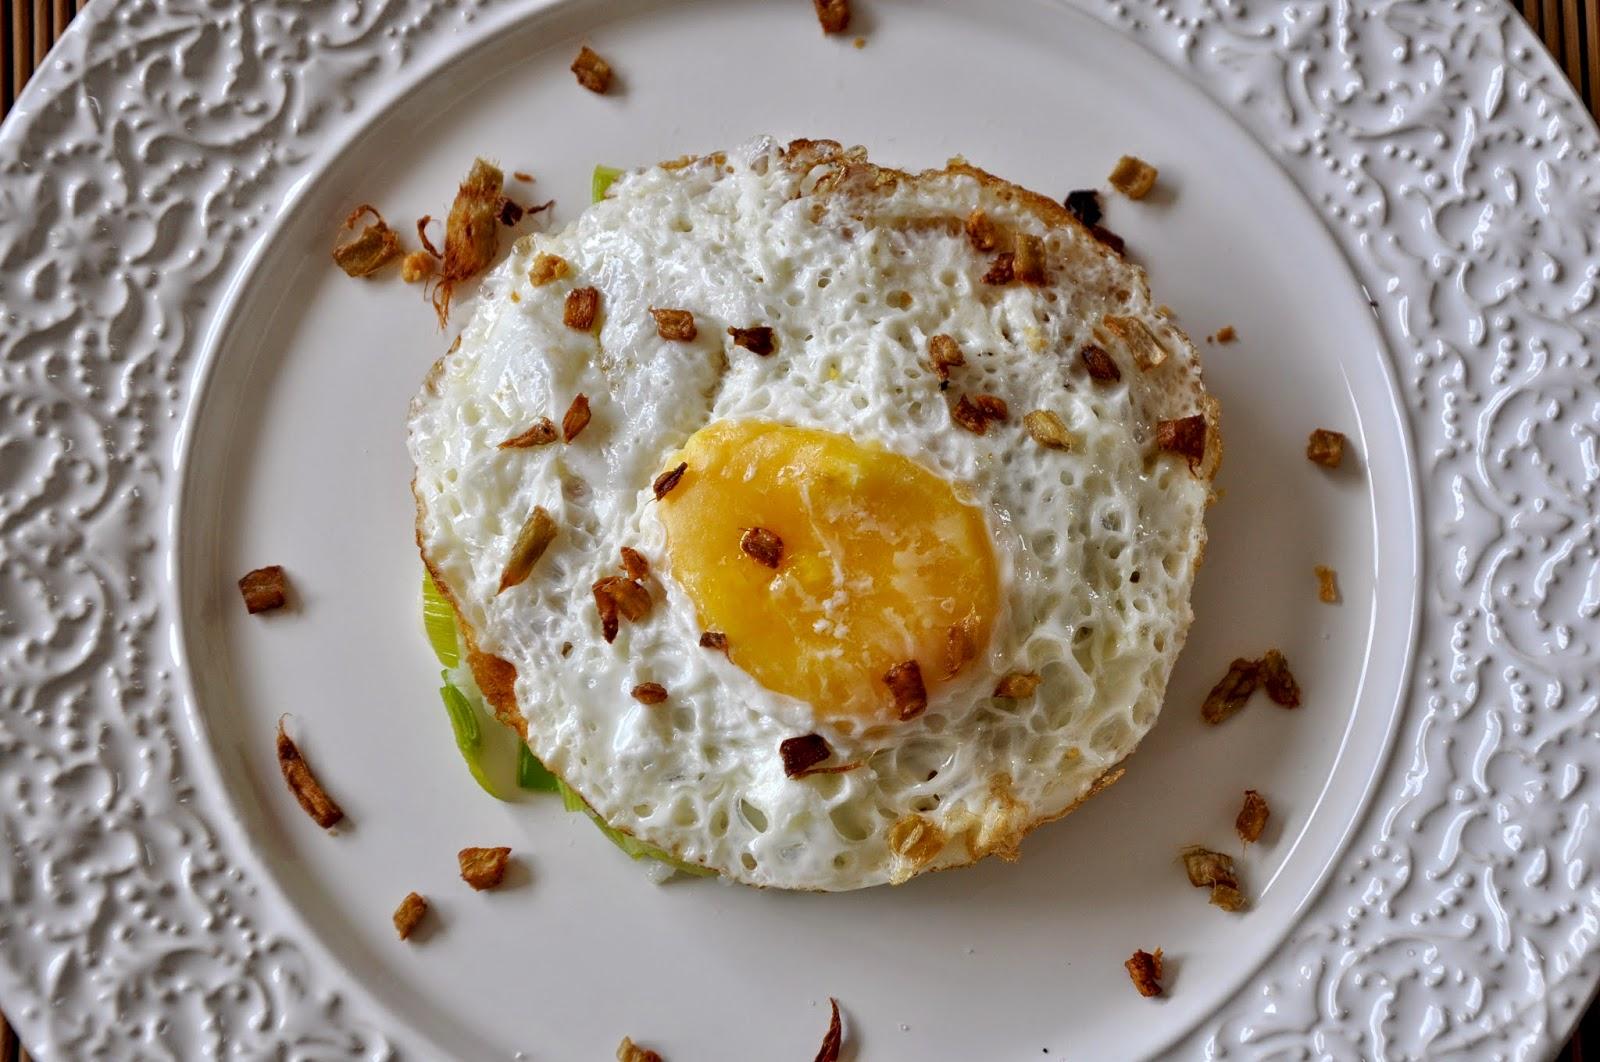 arroz com ovo frito